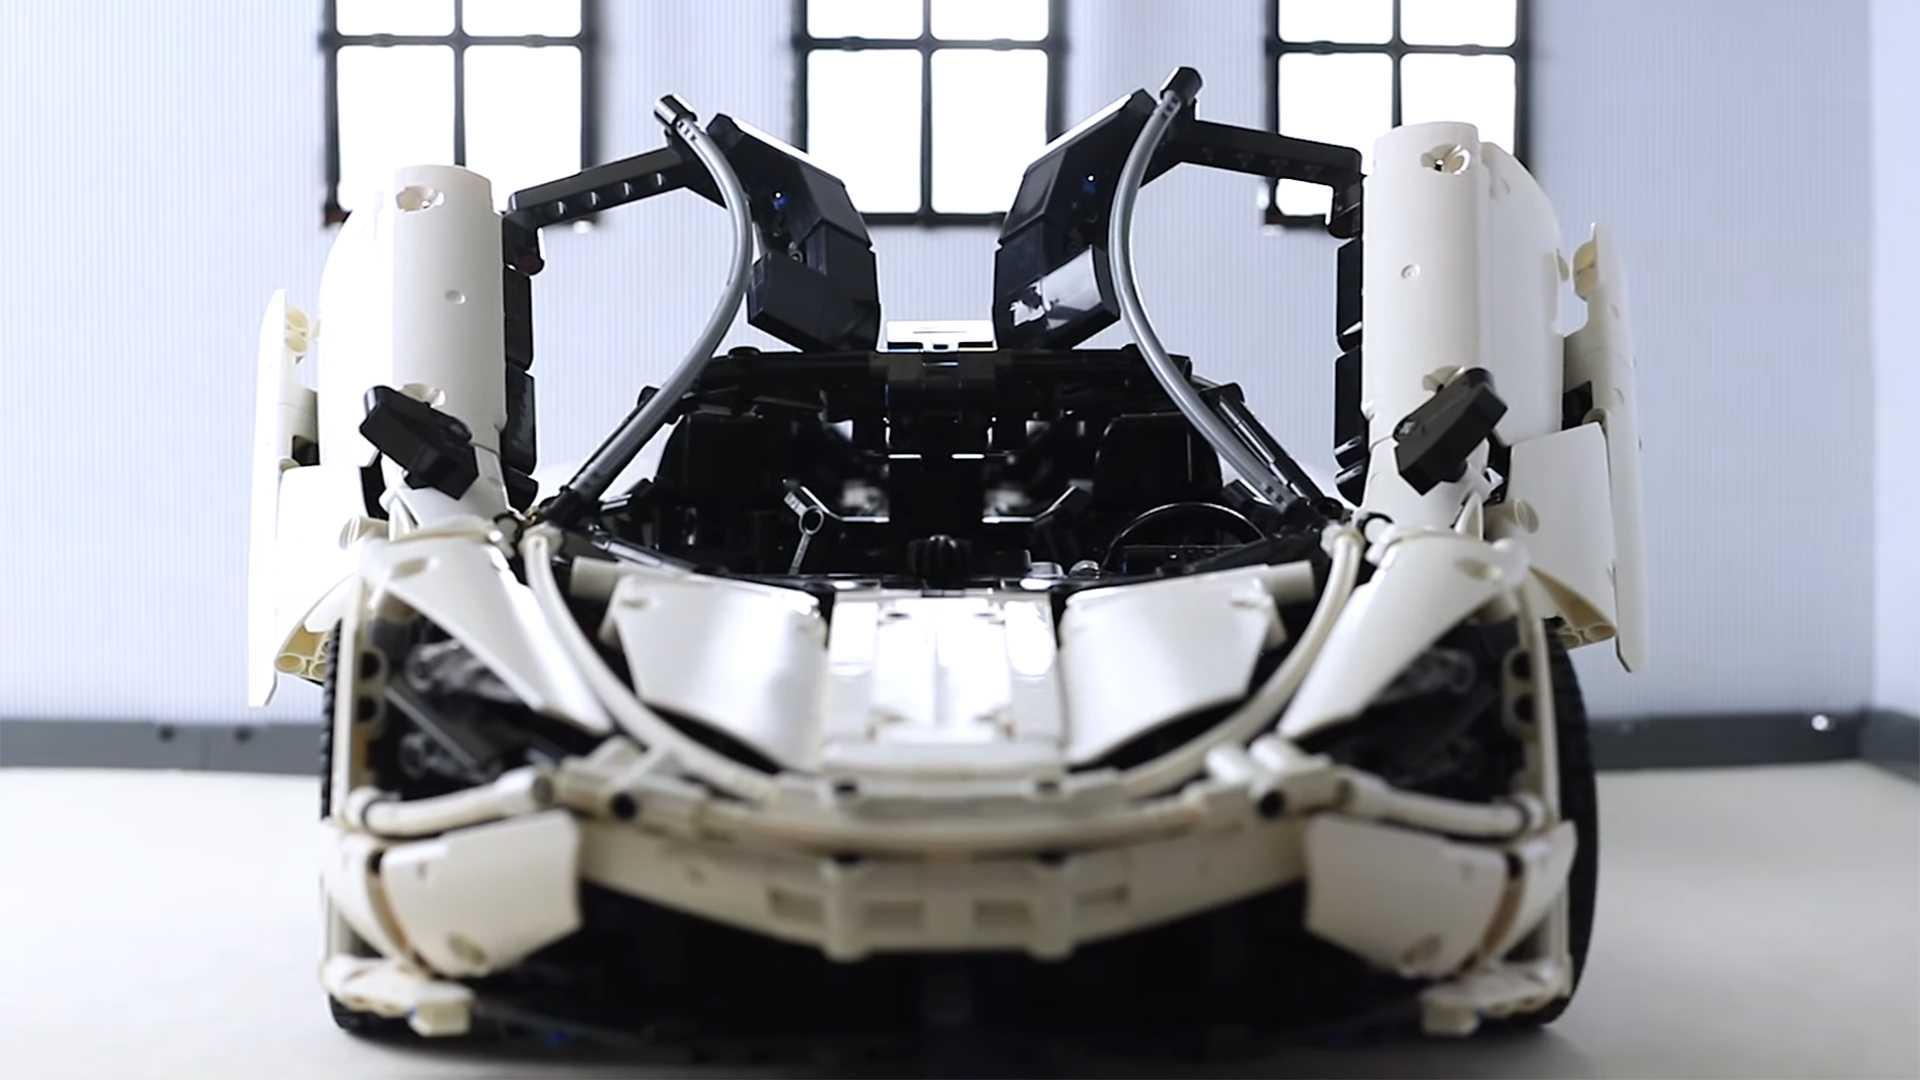 На одном из Ютуб-каналов появилось видео с масштабной копией McLaren 720S из набора Lego Technic. Автор затратил на постройку два года.